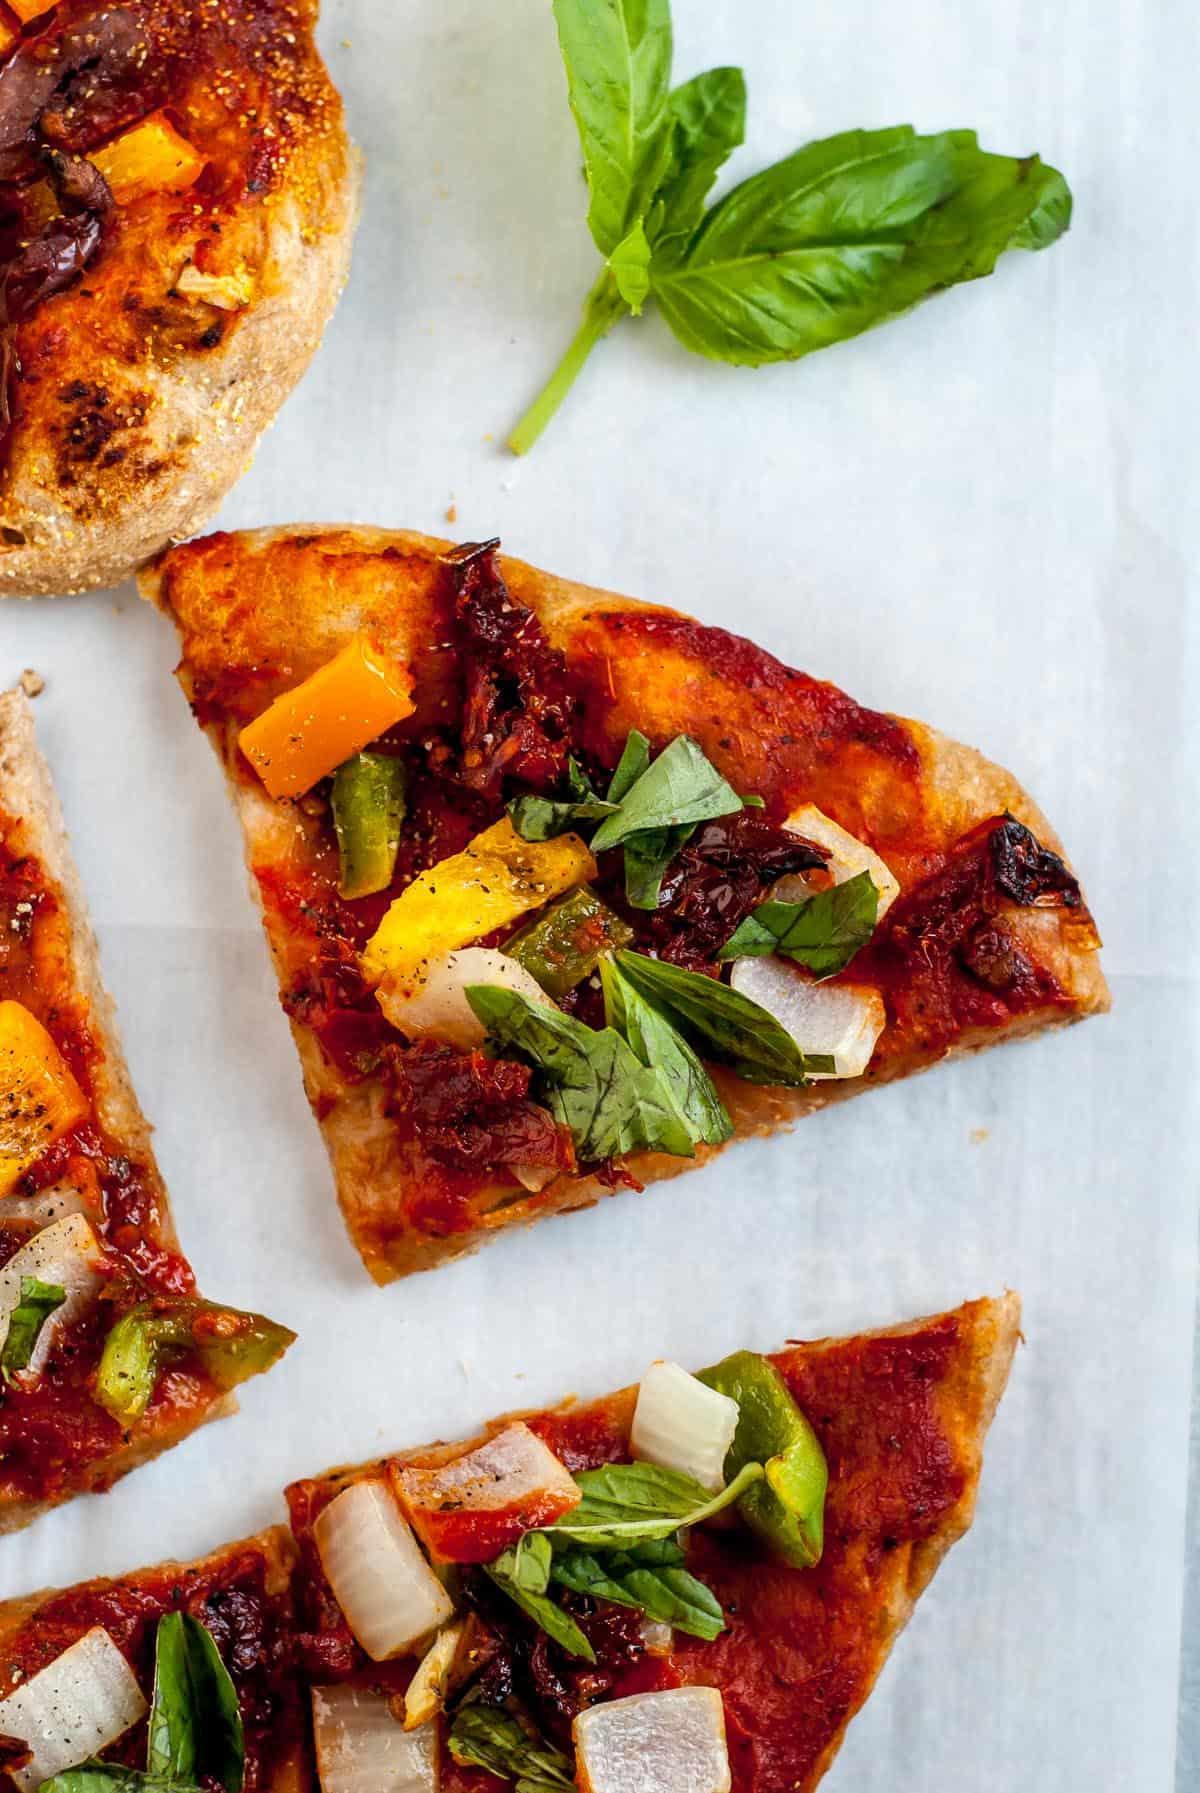 slice of vegan pizza with basil